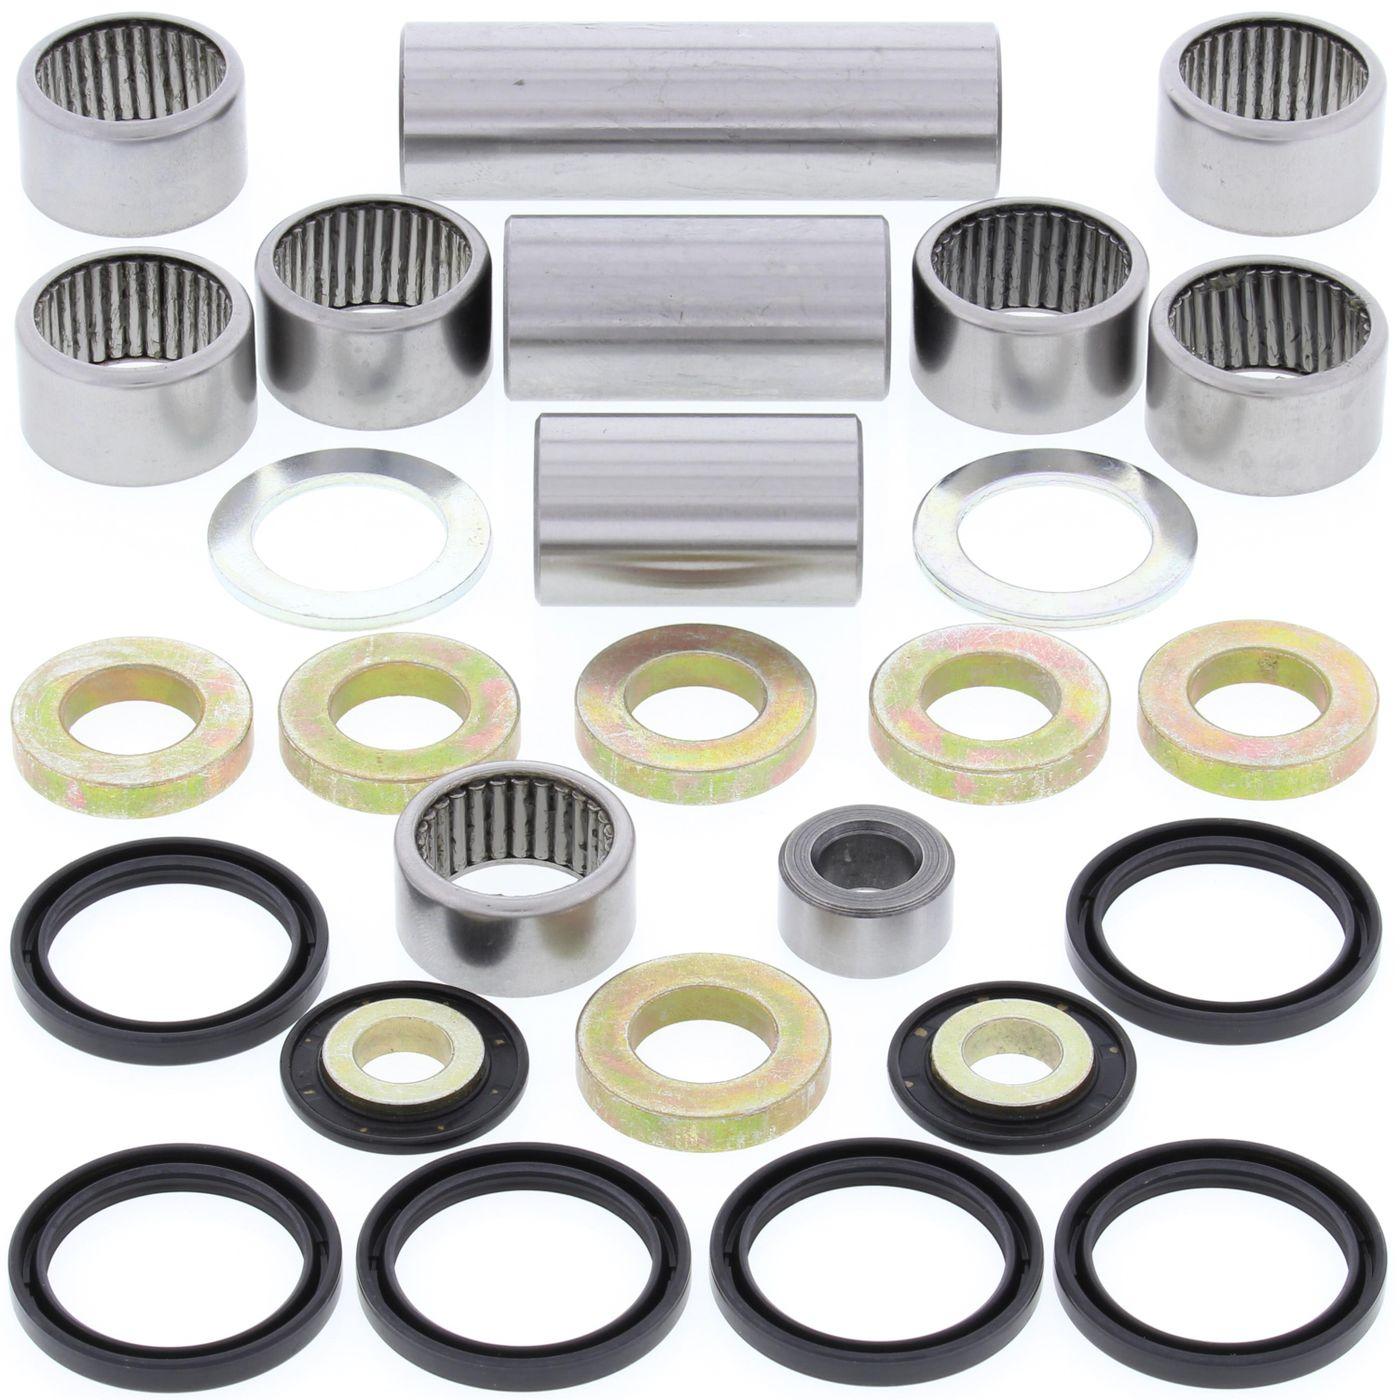 wrp shock linkage bearing kits - WRP271008 image